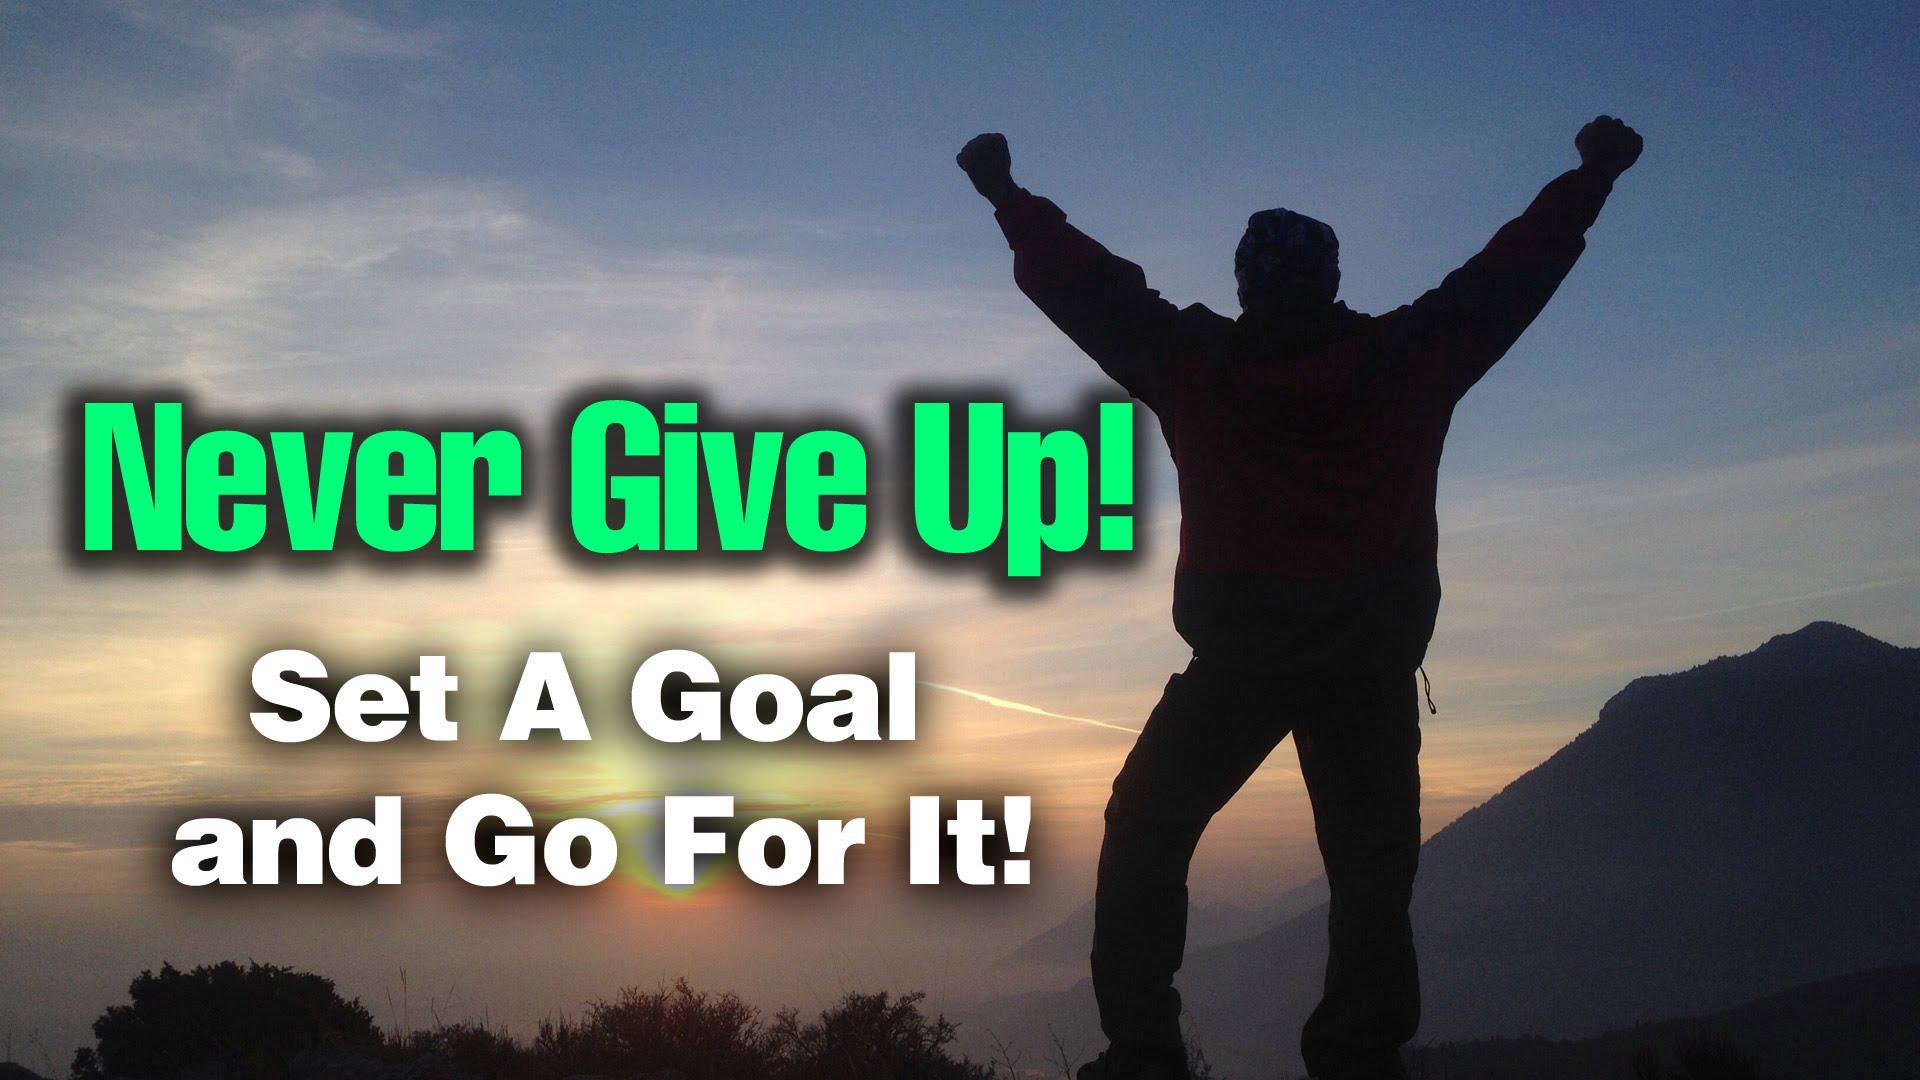 A Trung Hà khuyên các bạn chăm chỉ và đừng bao giờ bỏ cuộc